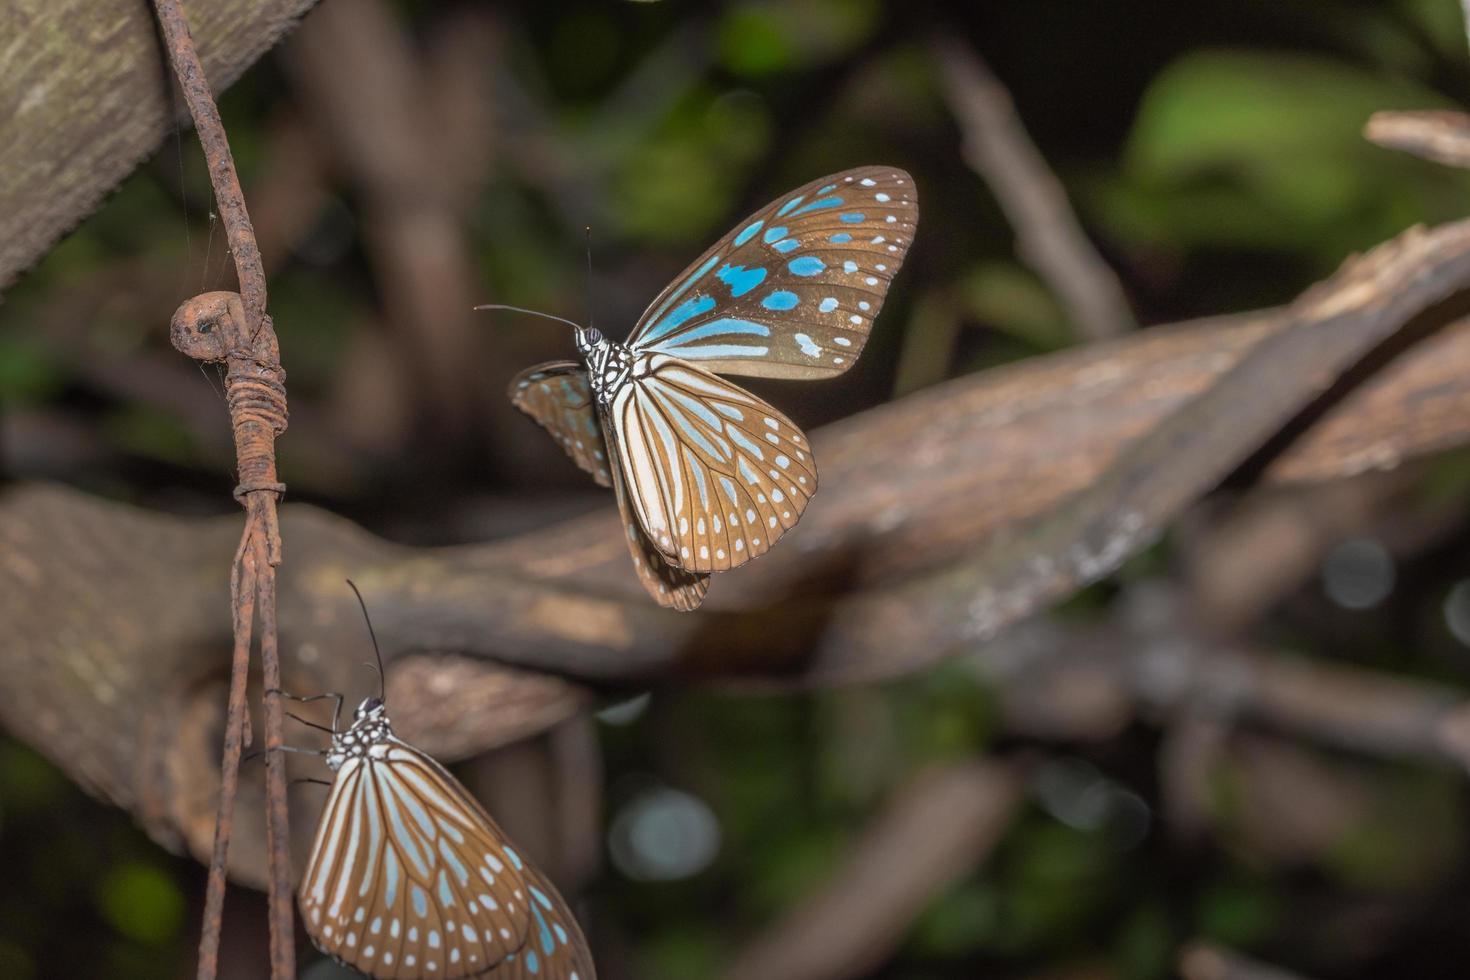 papillons dans la nature photo